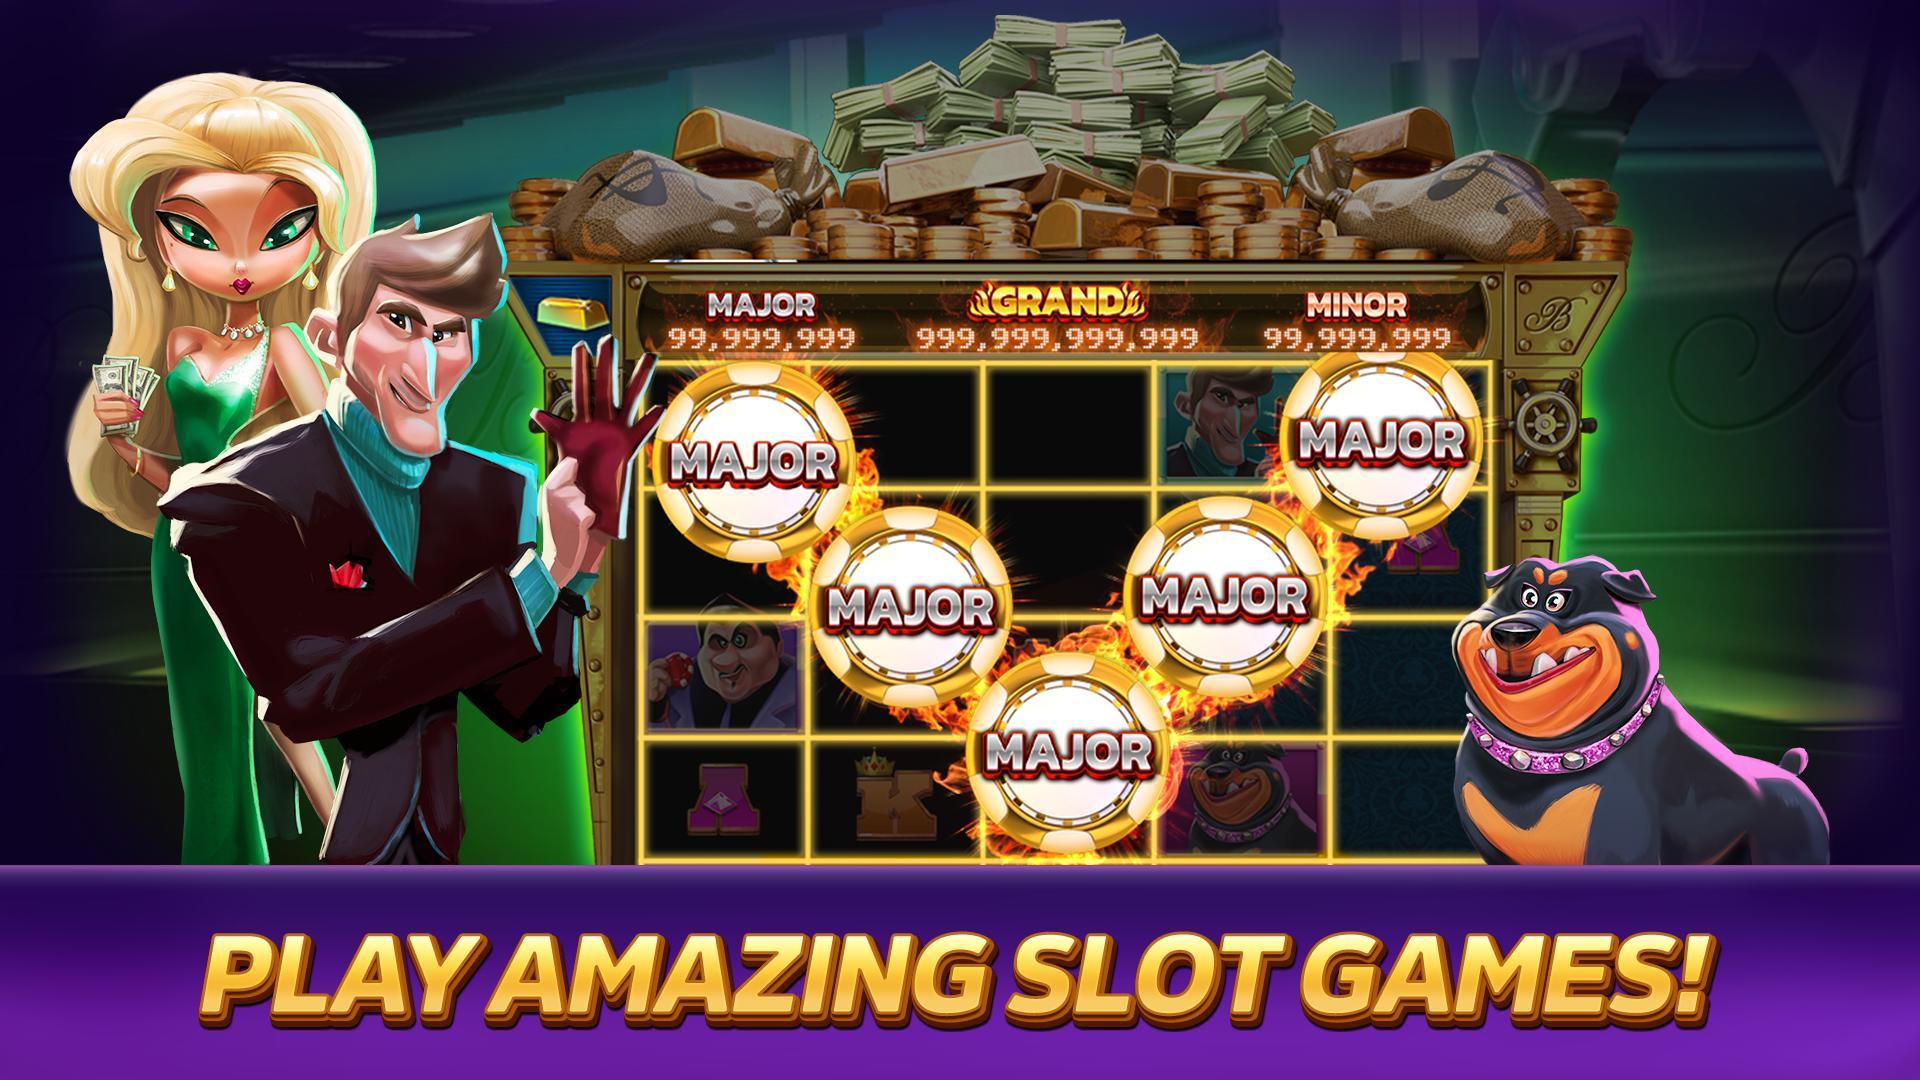 Скачать бесплатно игровые автоматы ке казино двадцать одно